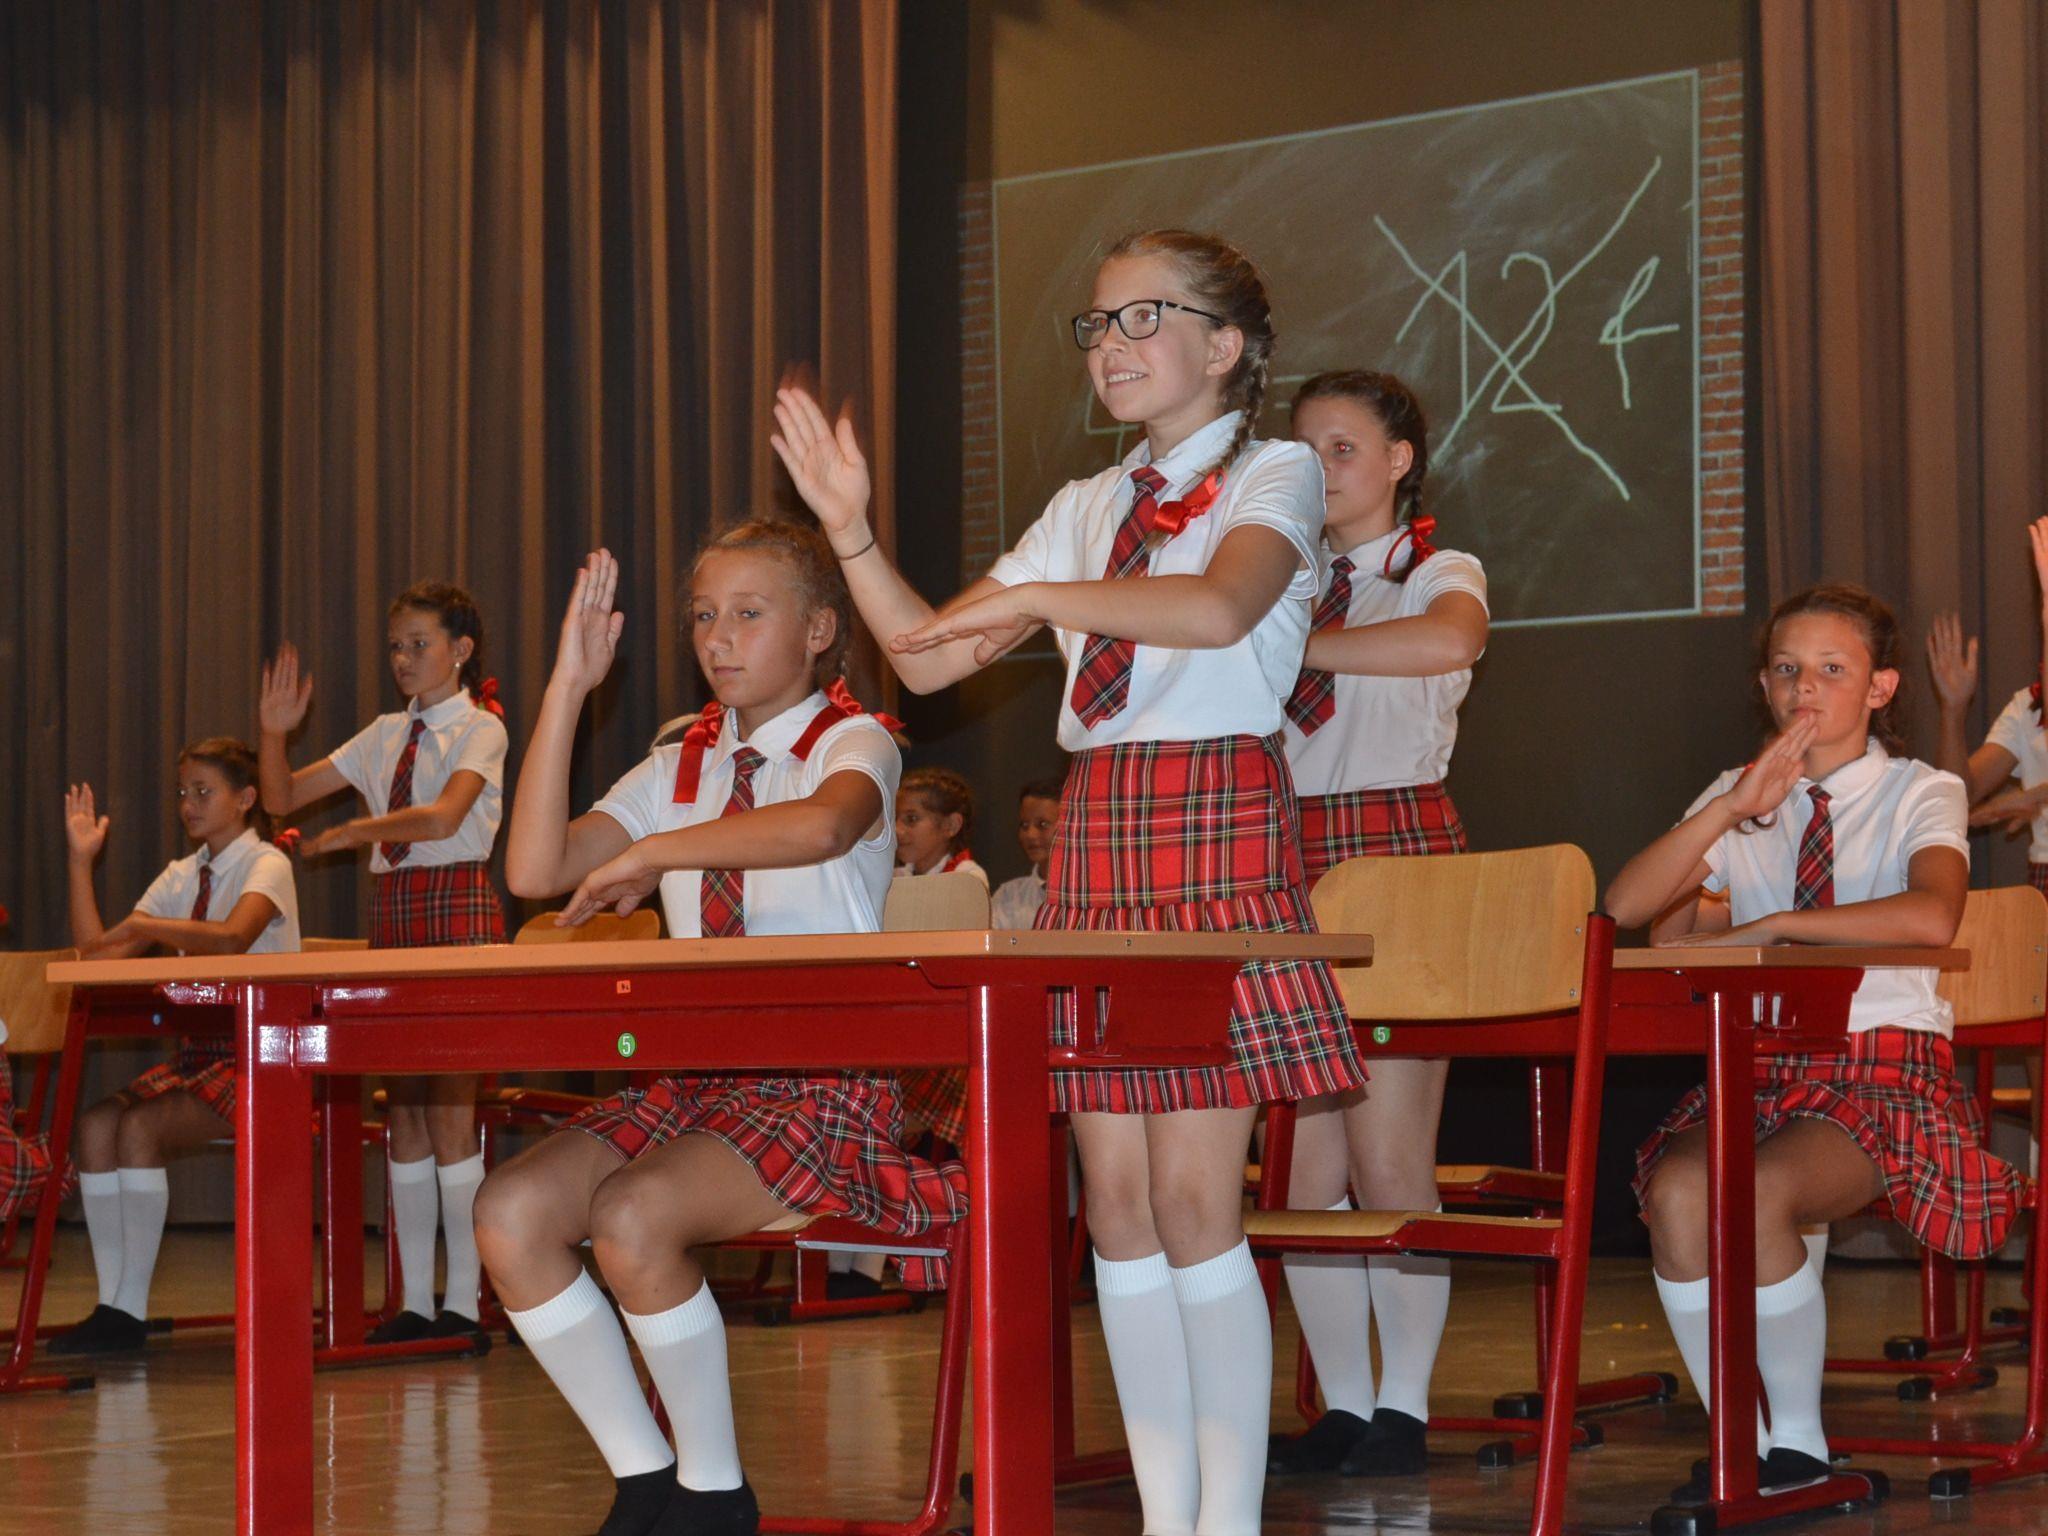 """Bewegte Schule statt """"trockener Unterricht"""": In einem Kurz-Musical zeigten die Schülerinnen tolle akrobatische Leistungen."""